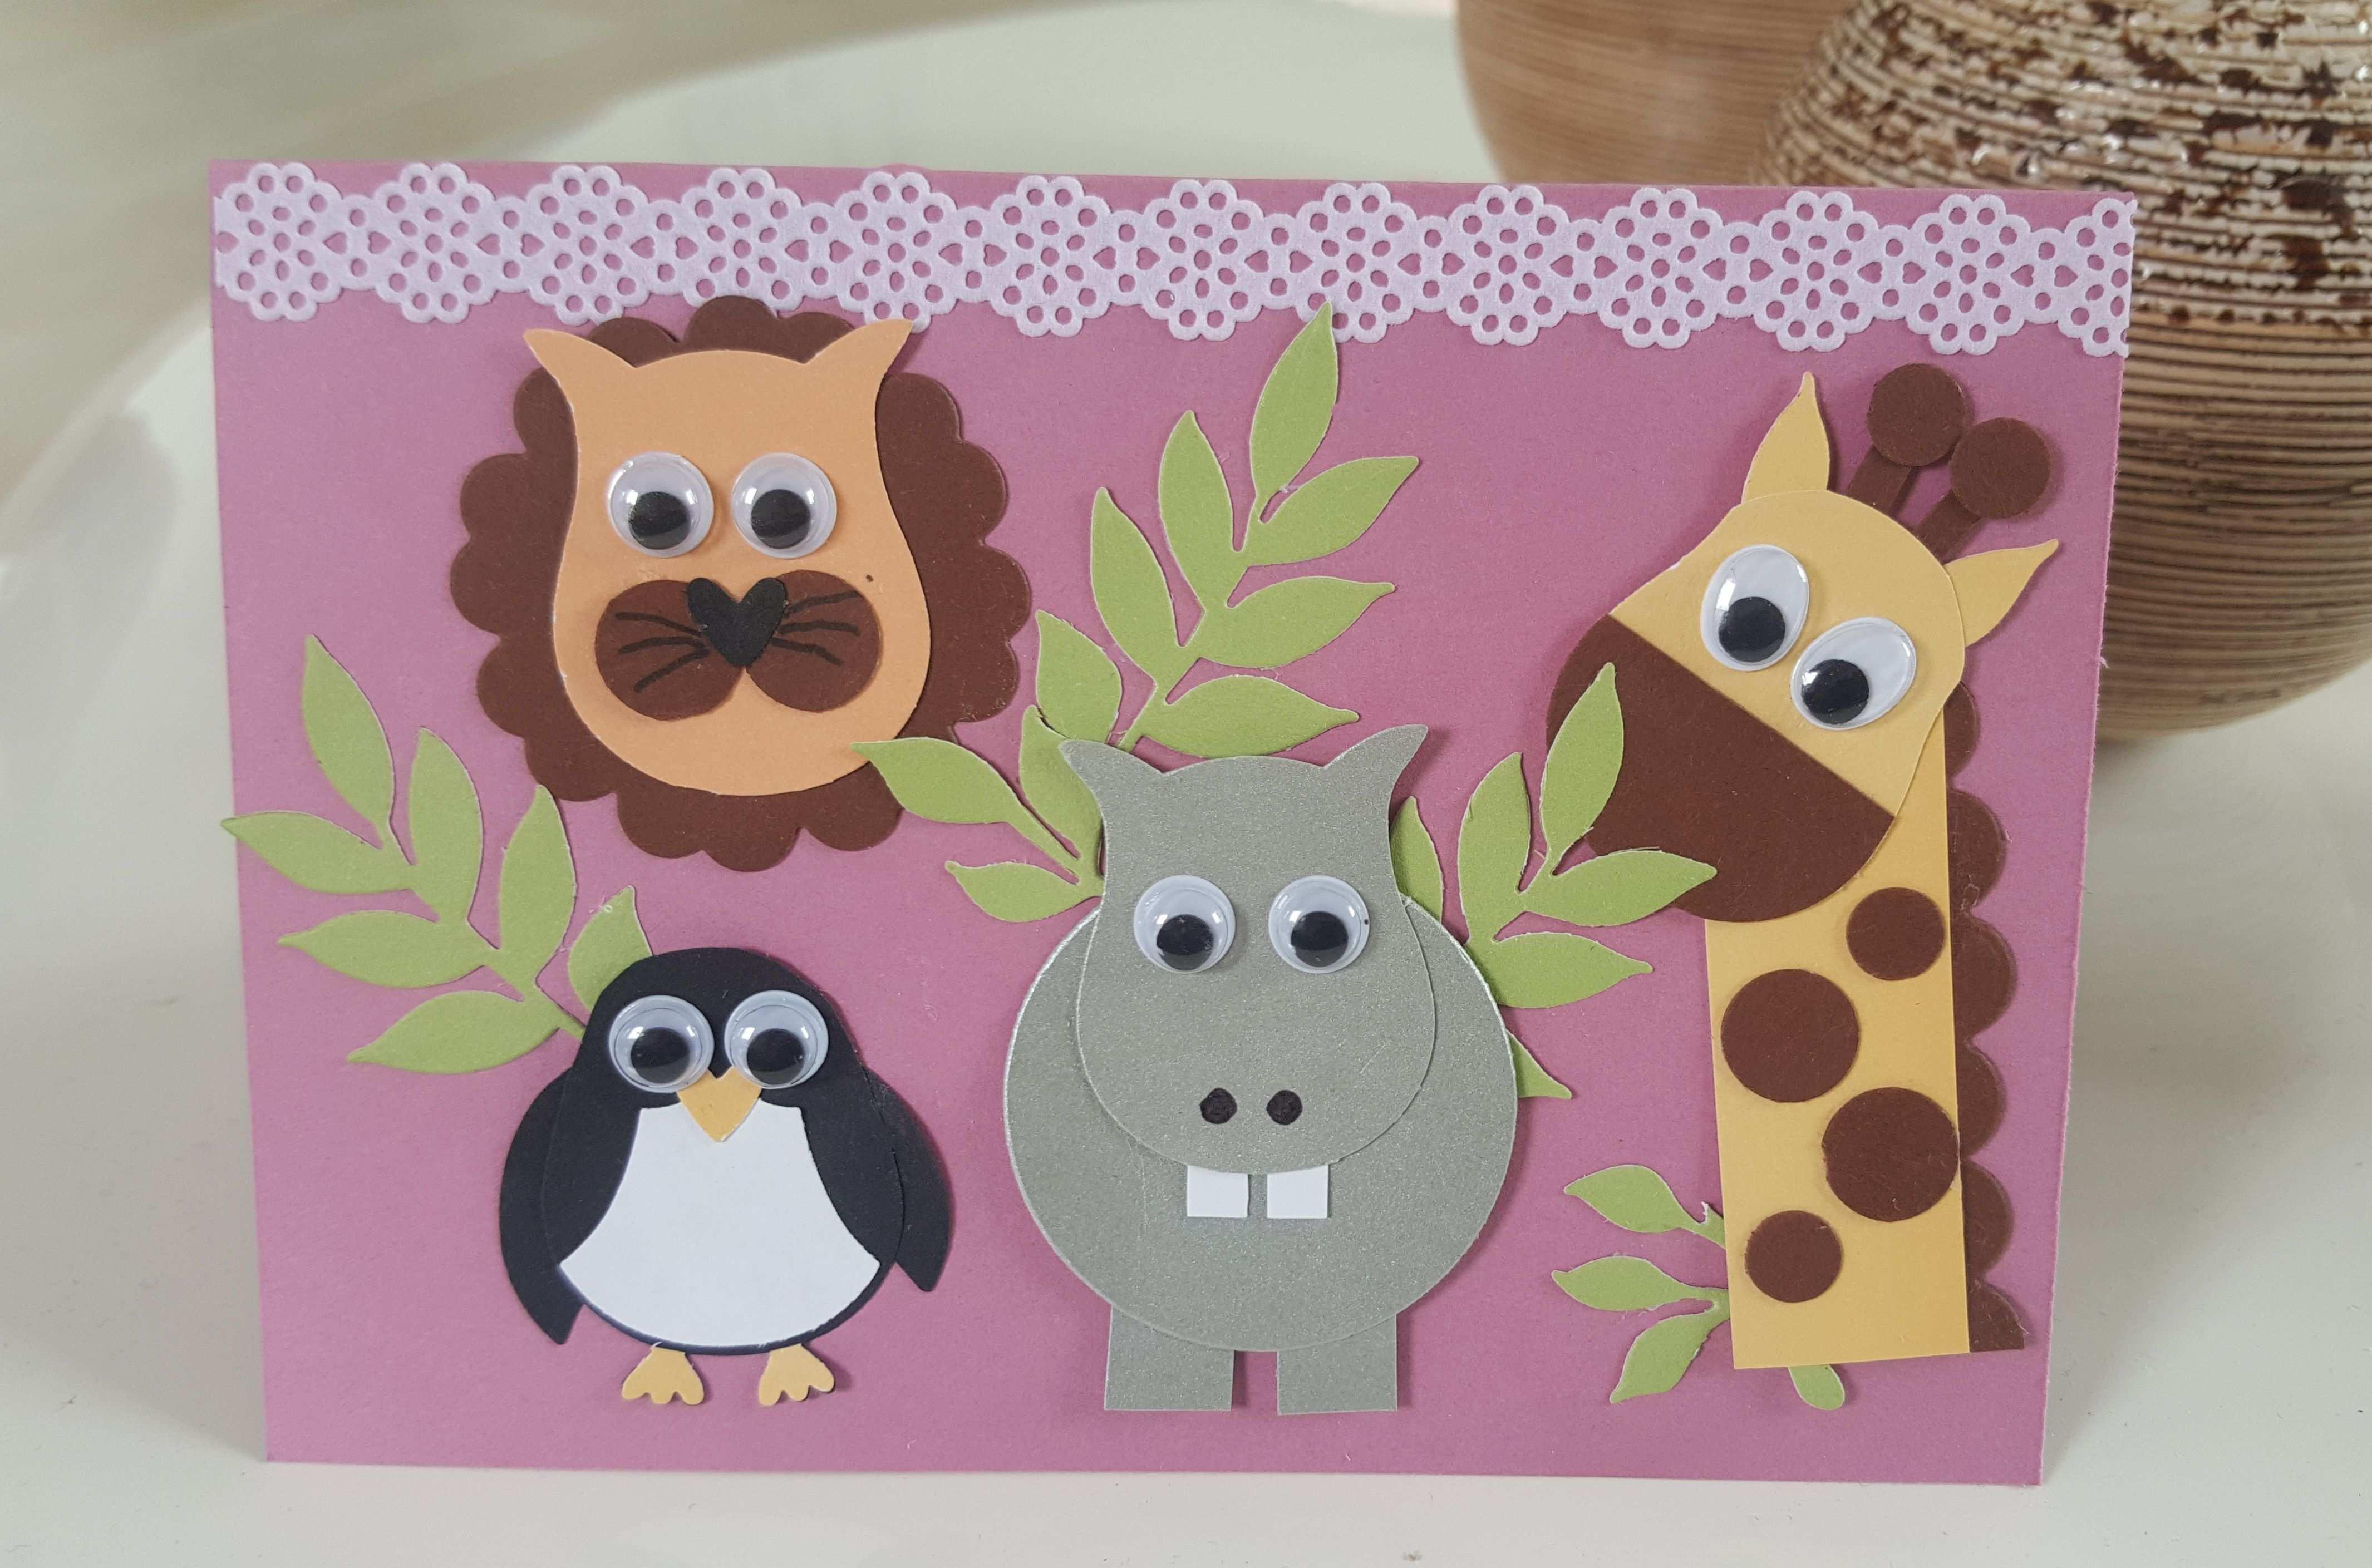 Gutschein Fur Ein Zoobesuch Gutschein Basteln Geburtstag Gutschein Basteln Zoo Gutschein Basteln Kinder